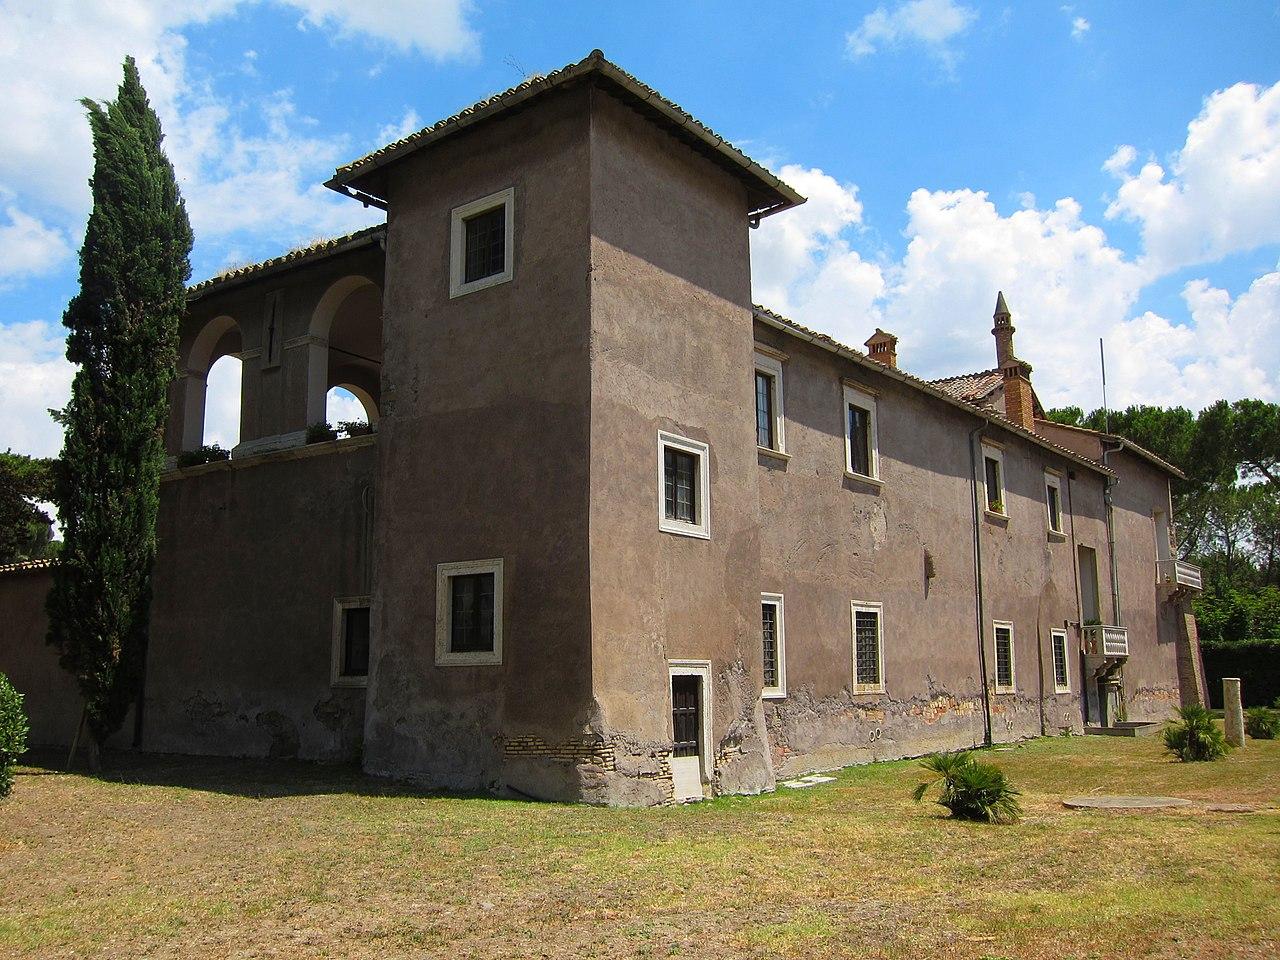 File:Castello della Magliana, esterno 2 - panoramio.jpg ...